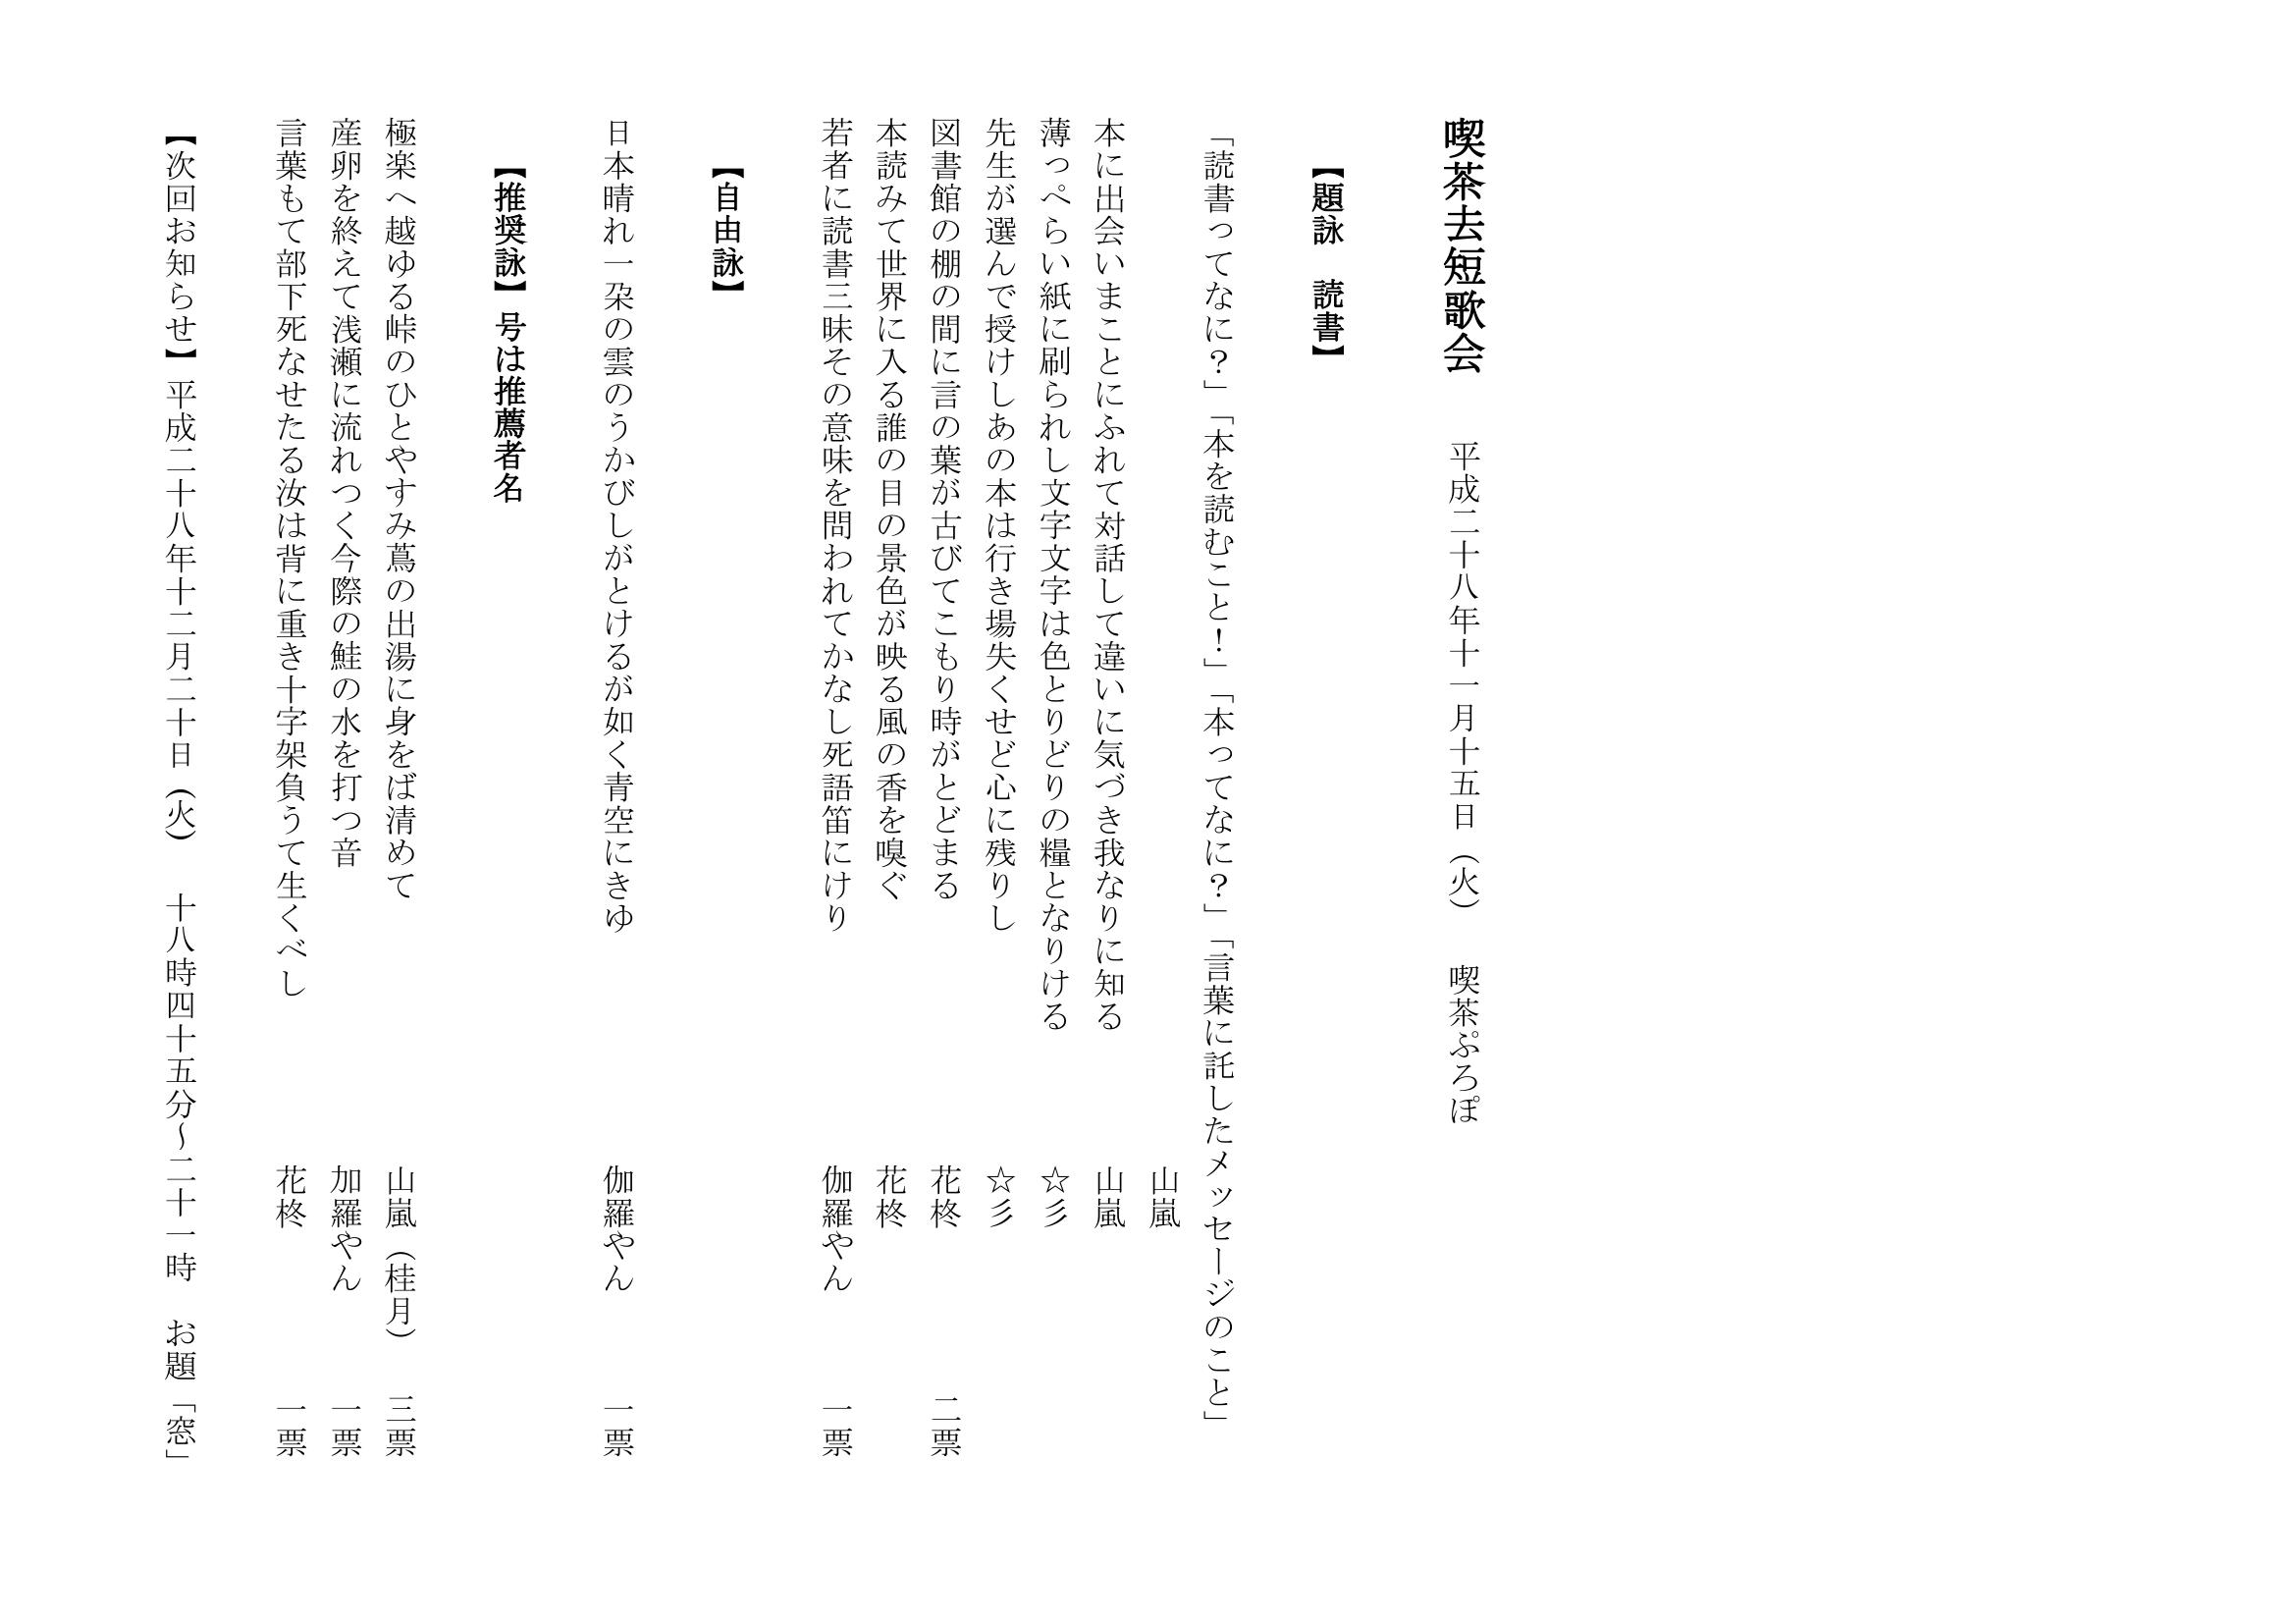 0161115喫茶去短歌会平成二十八年十一月十五日(火)